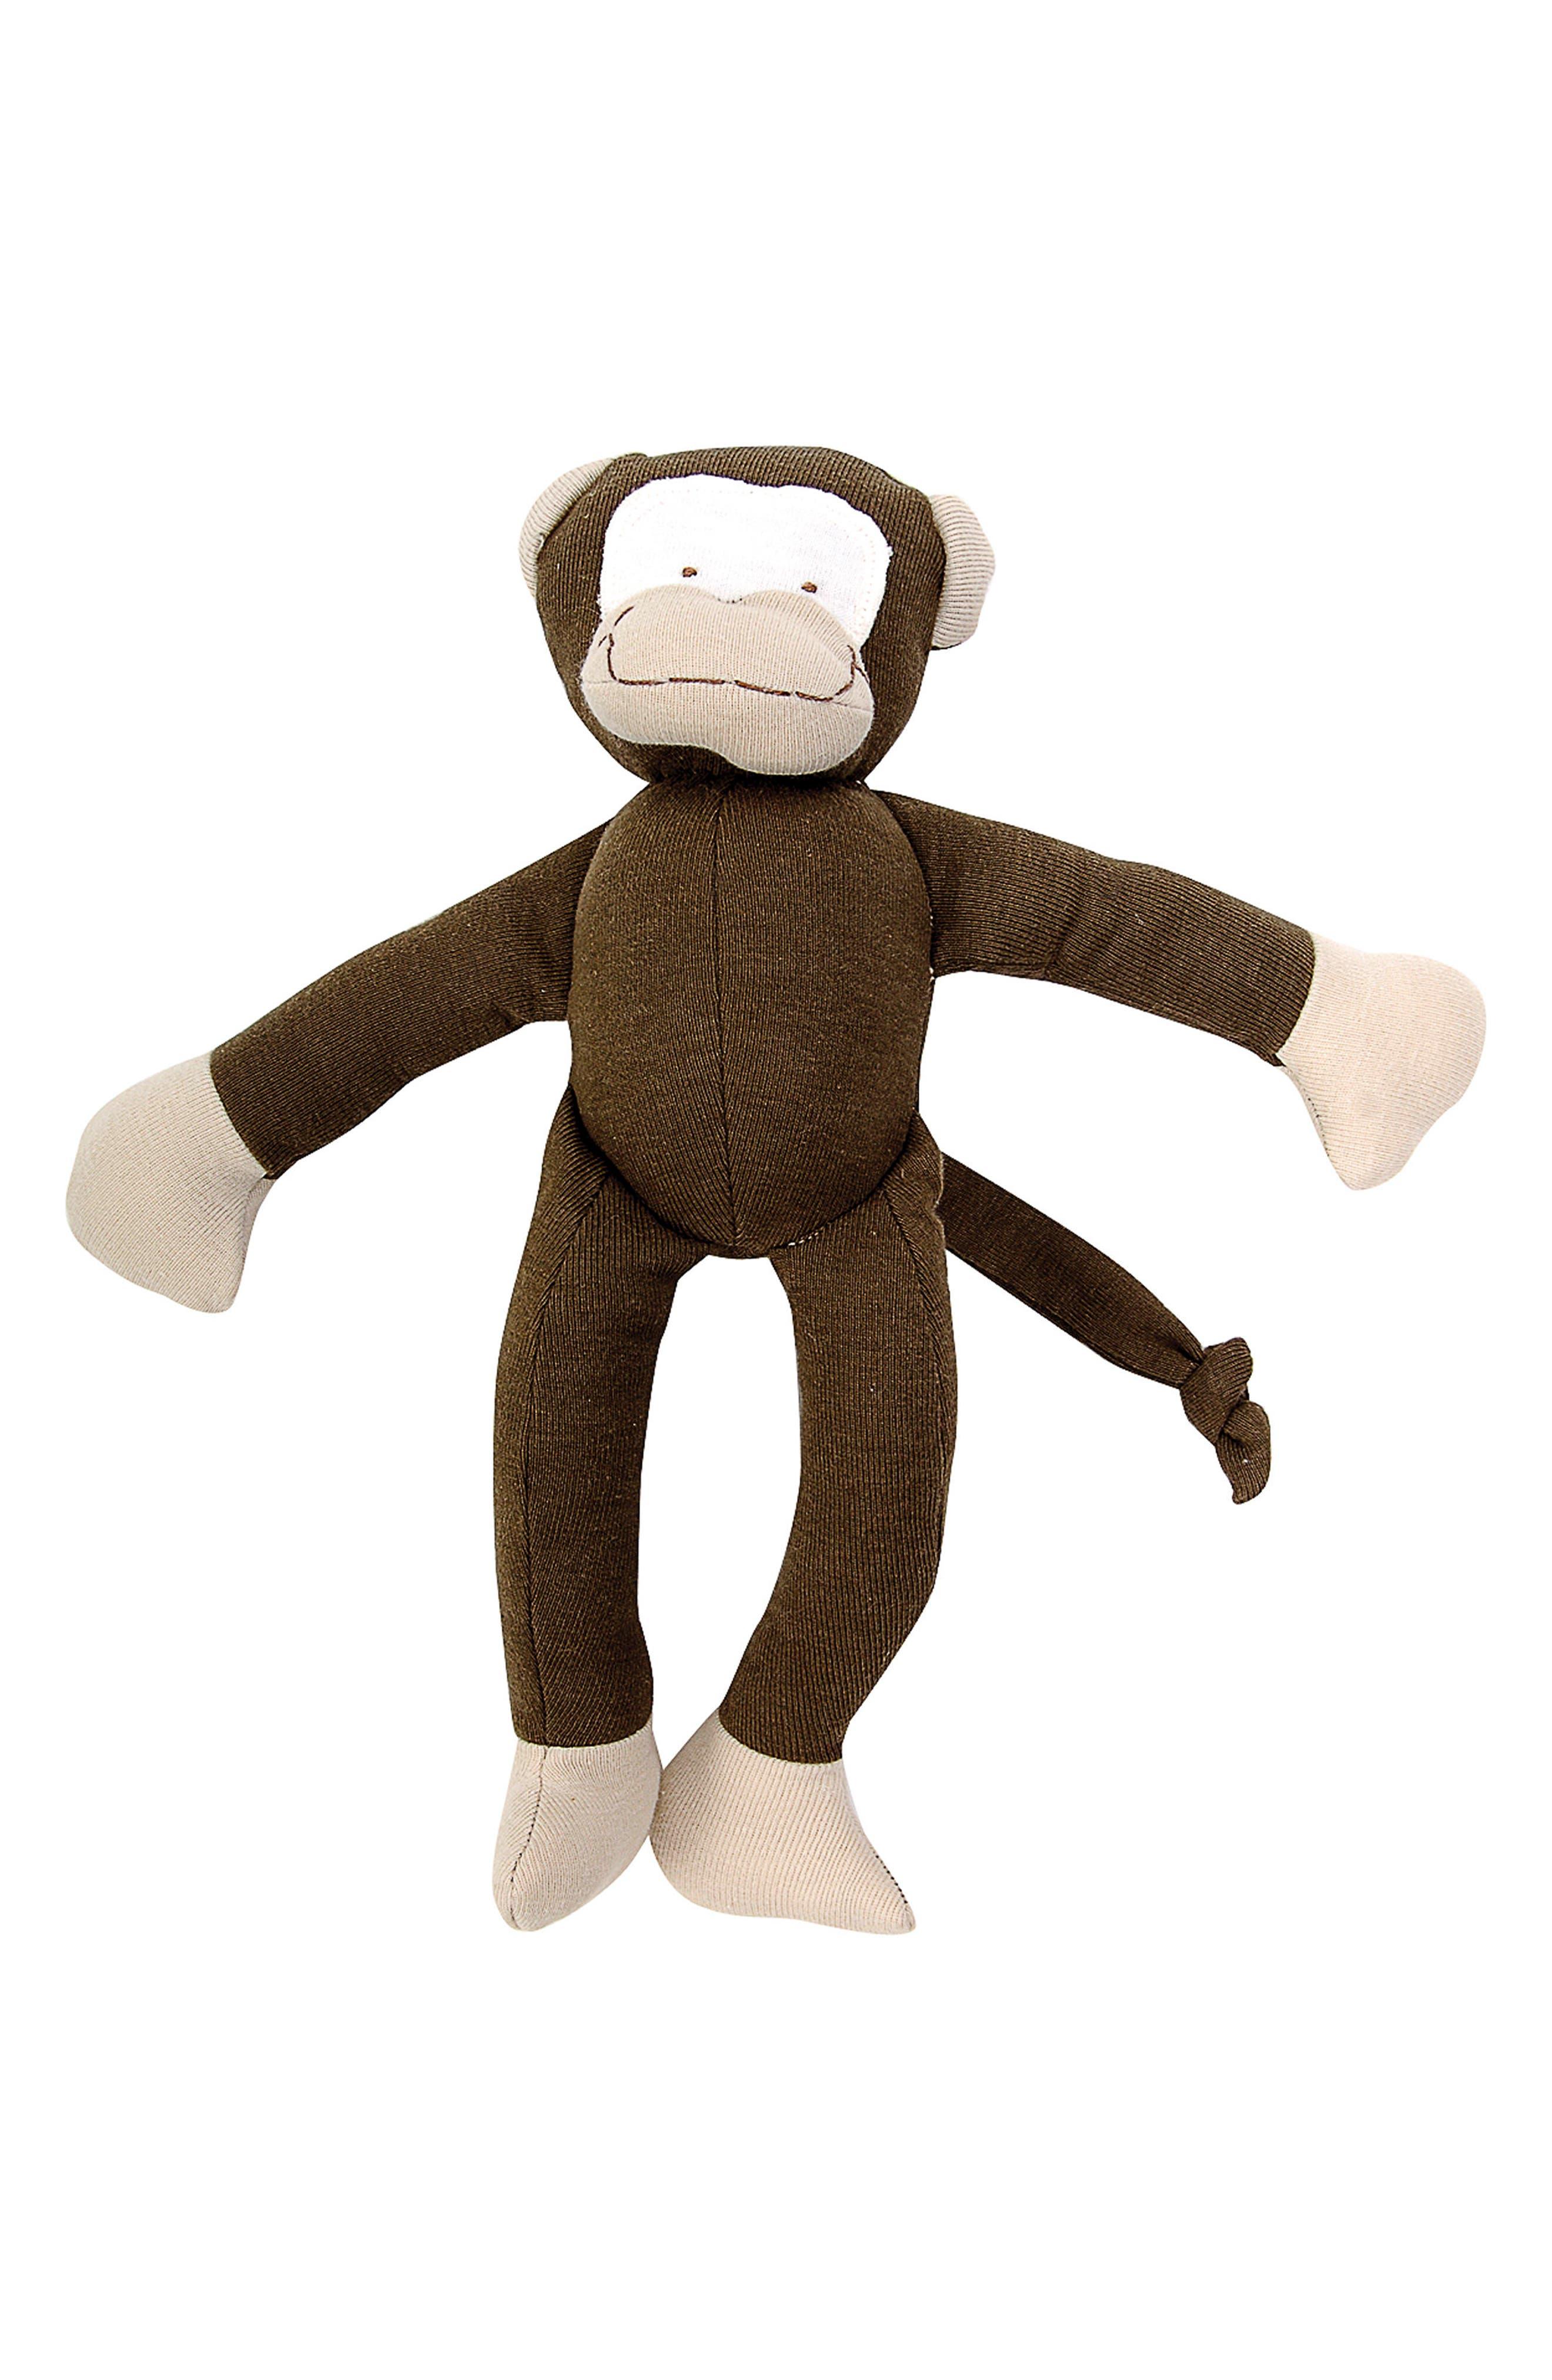 3-Piece Monkey Bib, Stuffed Animal and Stuffed Banana Set,                             Alternate thumbnail 2, color,                             200